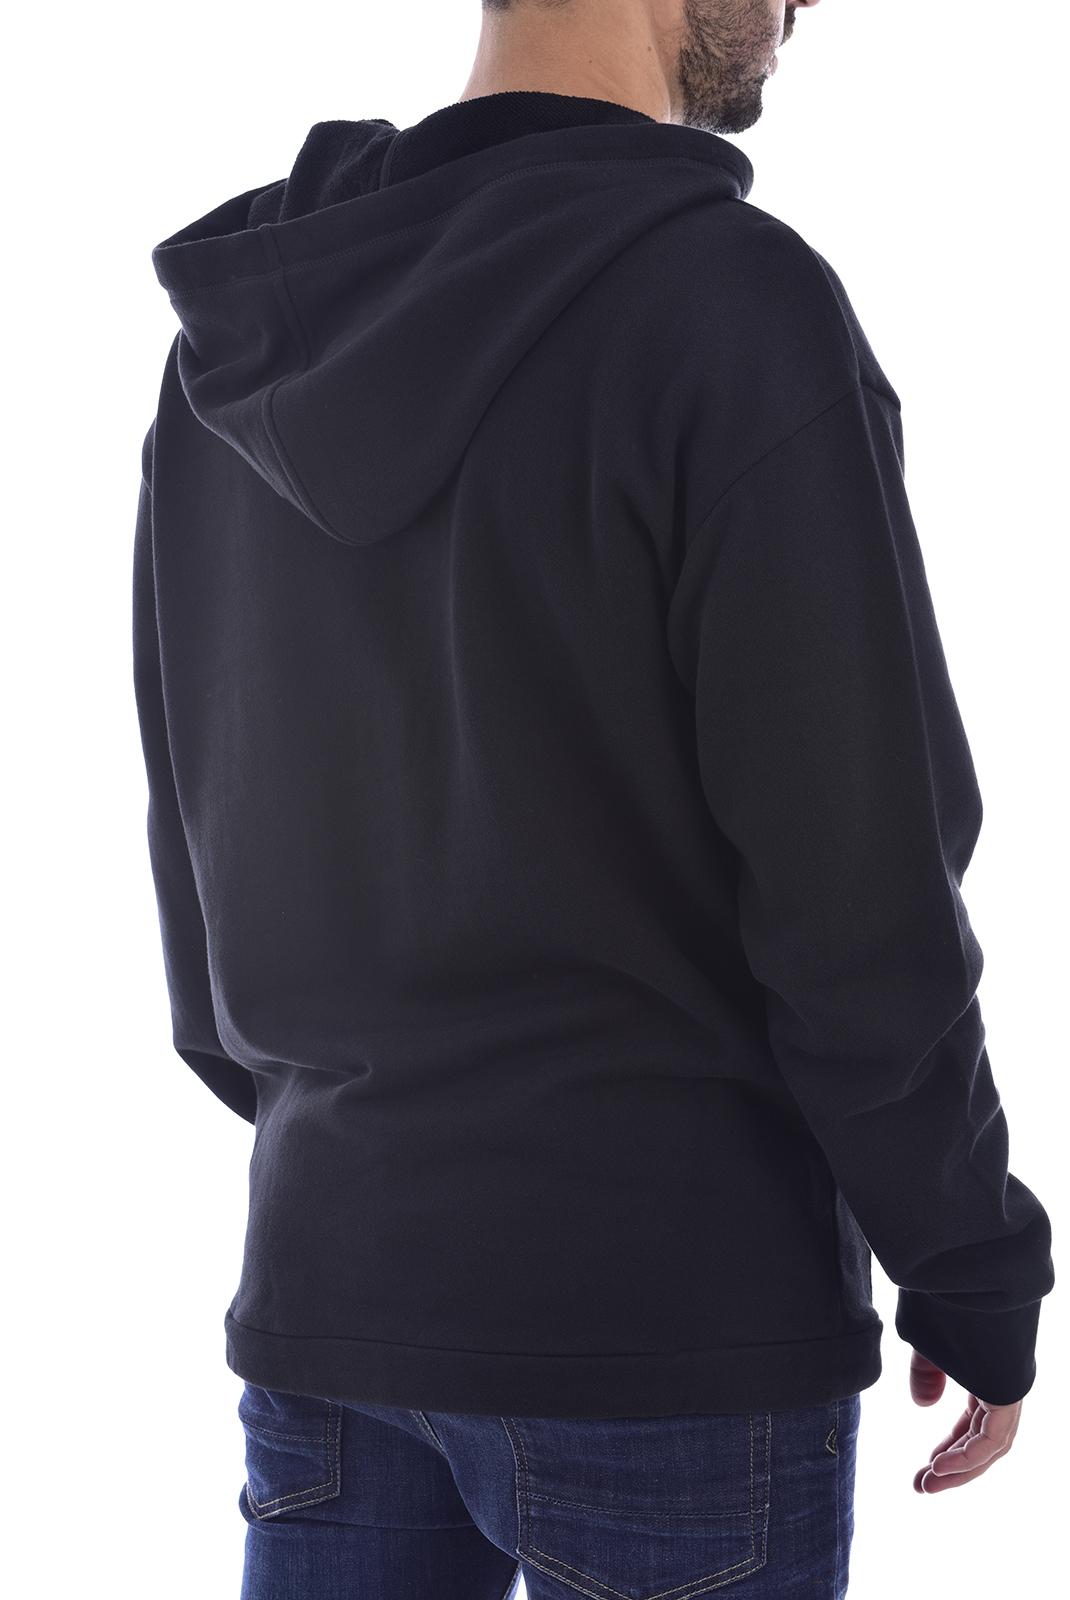 Sweatshirts  Emporio armani 111914 0A560 020 BLACK